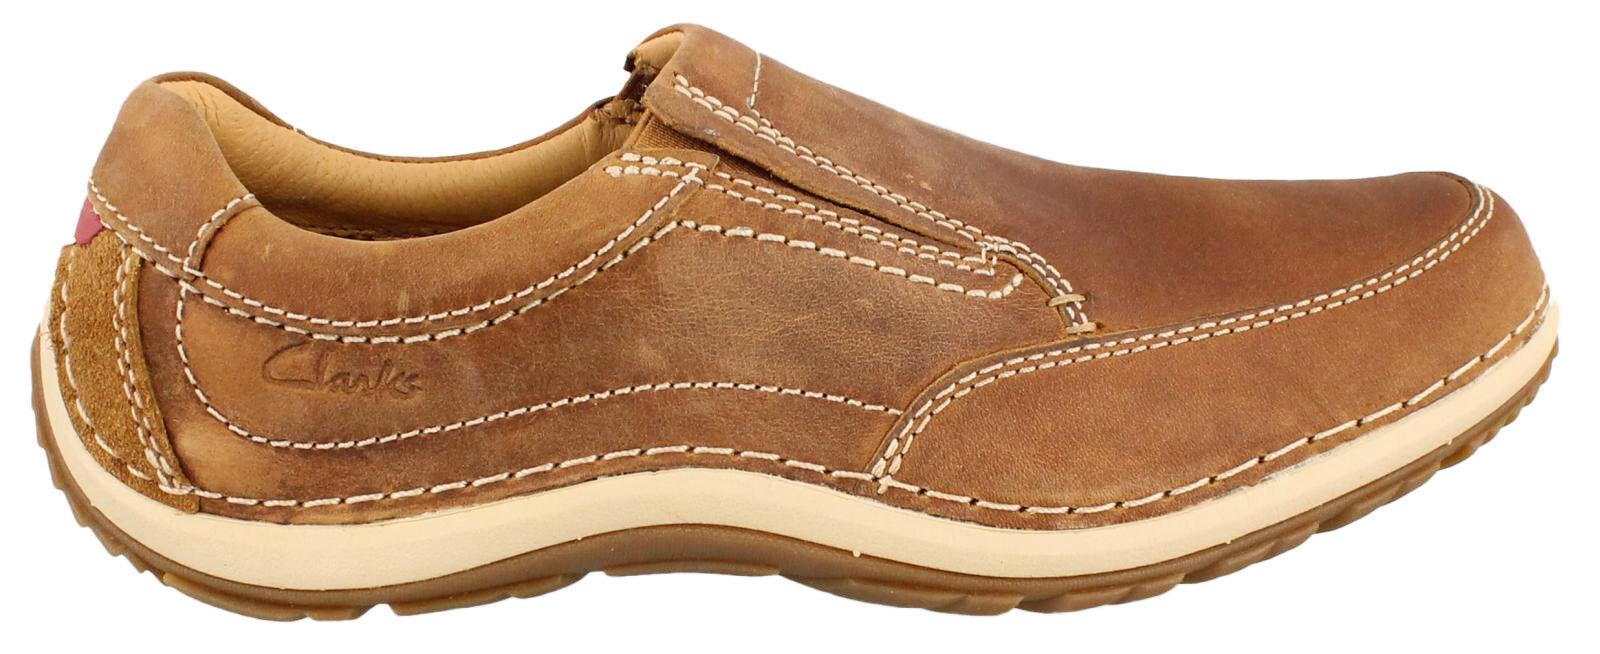 Clarks Slip   Herren Shiply Step Braun Leder Slip Clarks On Casual Schuhes Loafers, UK 7 - 10 202b5f